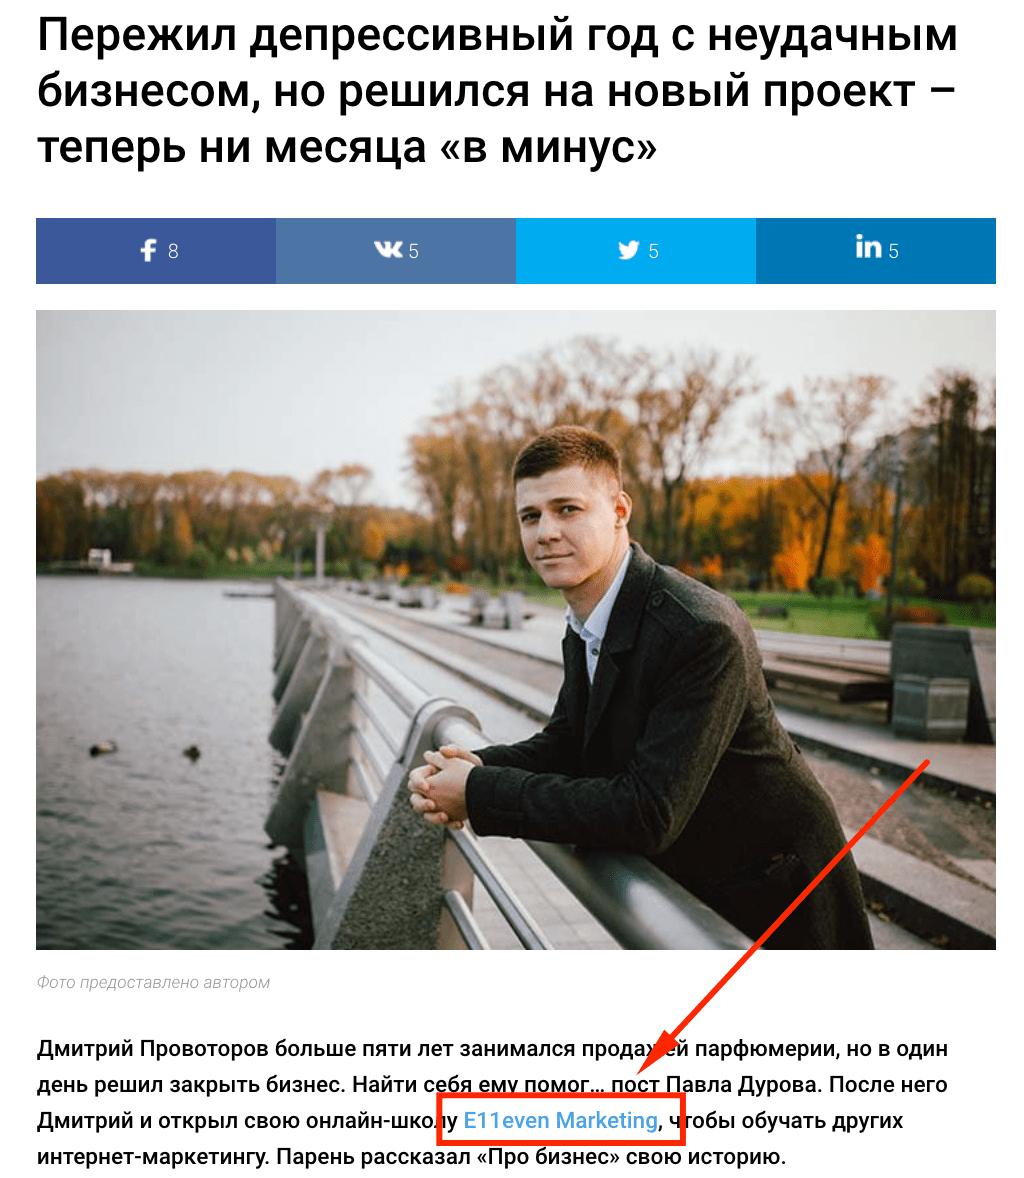 Ссылка на блог Дмитрия Провоторова с портала probusiness.io